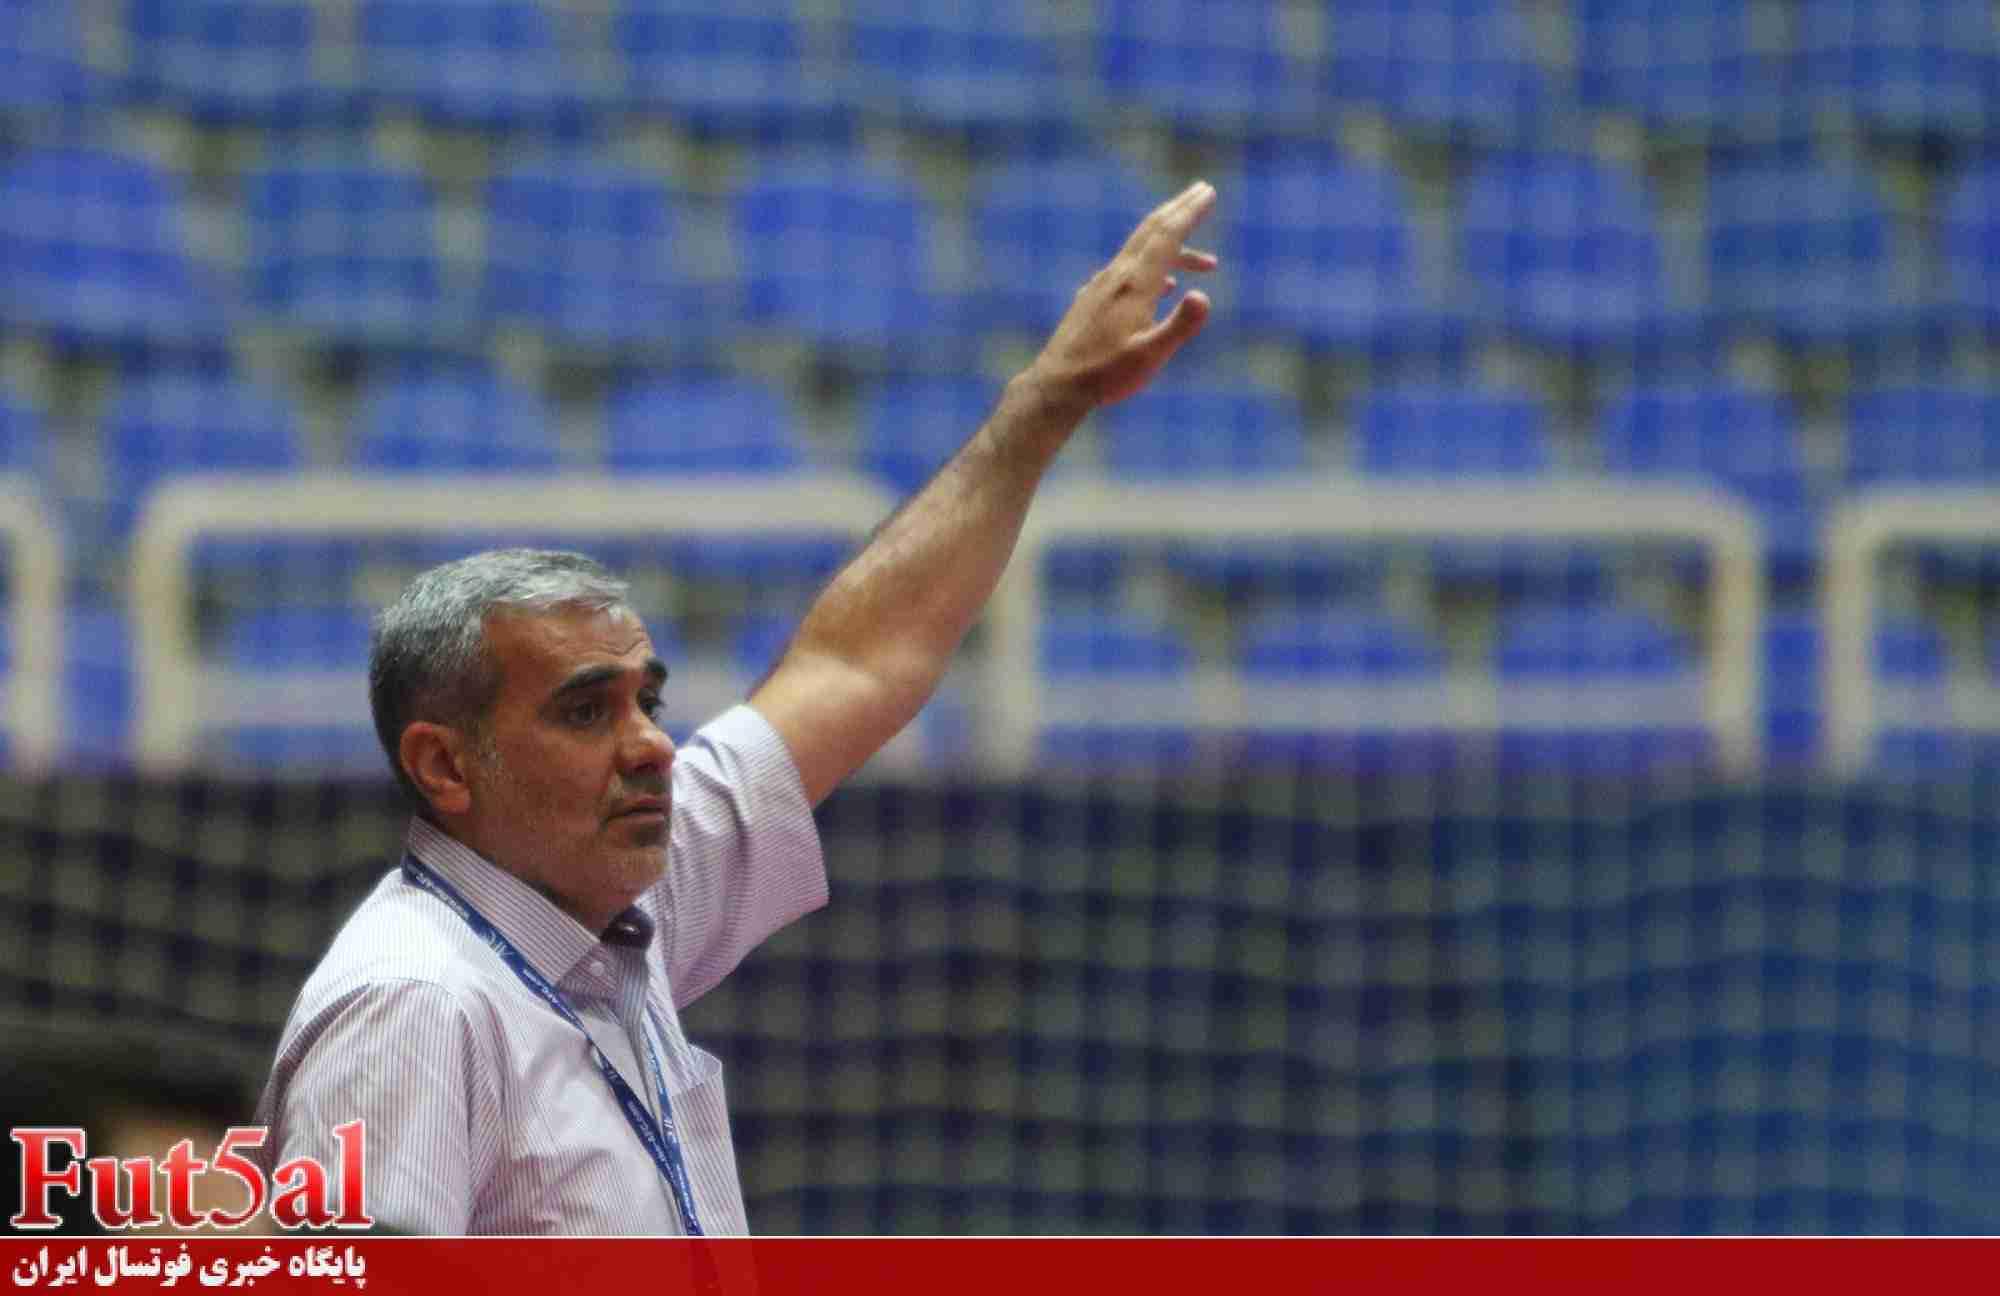 شمسایی: کویت خیلی بهتر از امارات بود/ شرایط سختی مقابل ناگویا داریم